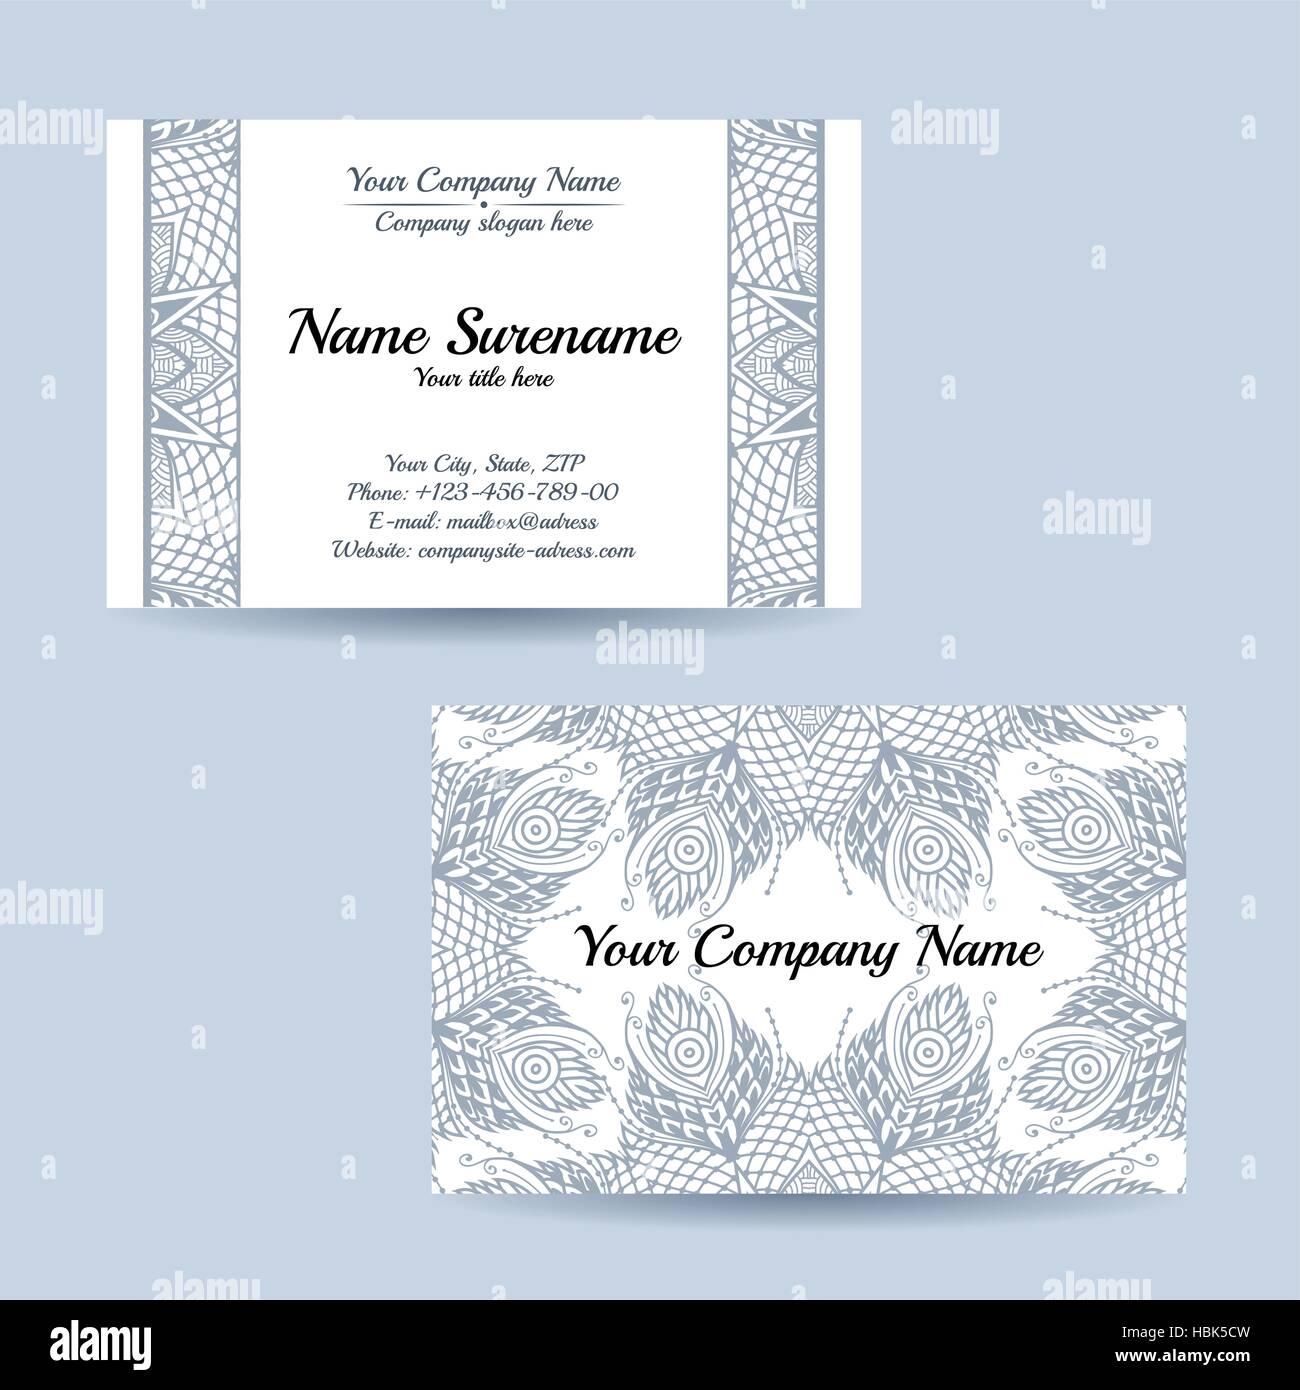 Carte De Visite Recto Verso Avec Un Motif Floral Tribal Vector Illustration Modele Pour Votre Entreprise Vintage Ornament Couleur Legere Sur White